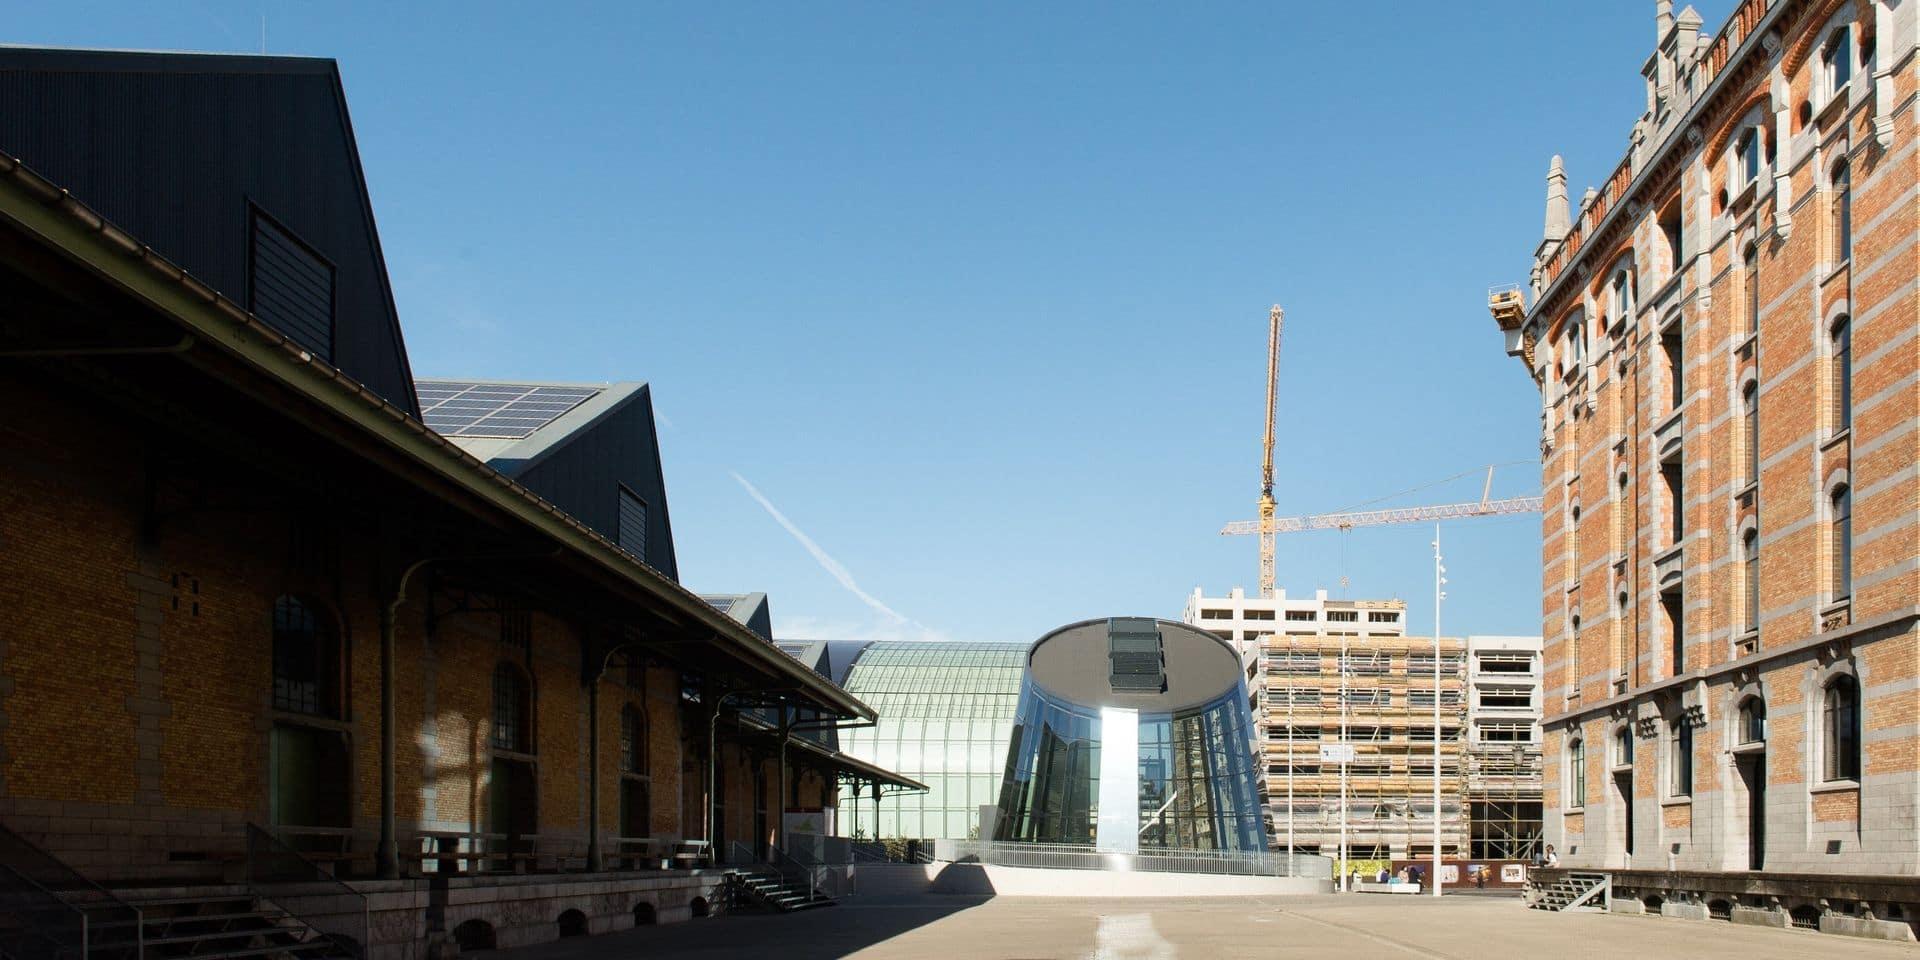 L'AB organisera ses 2 festivals de l'été fin août dans la gare maritime sur le site de Tour & Taxis de Bruxelles